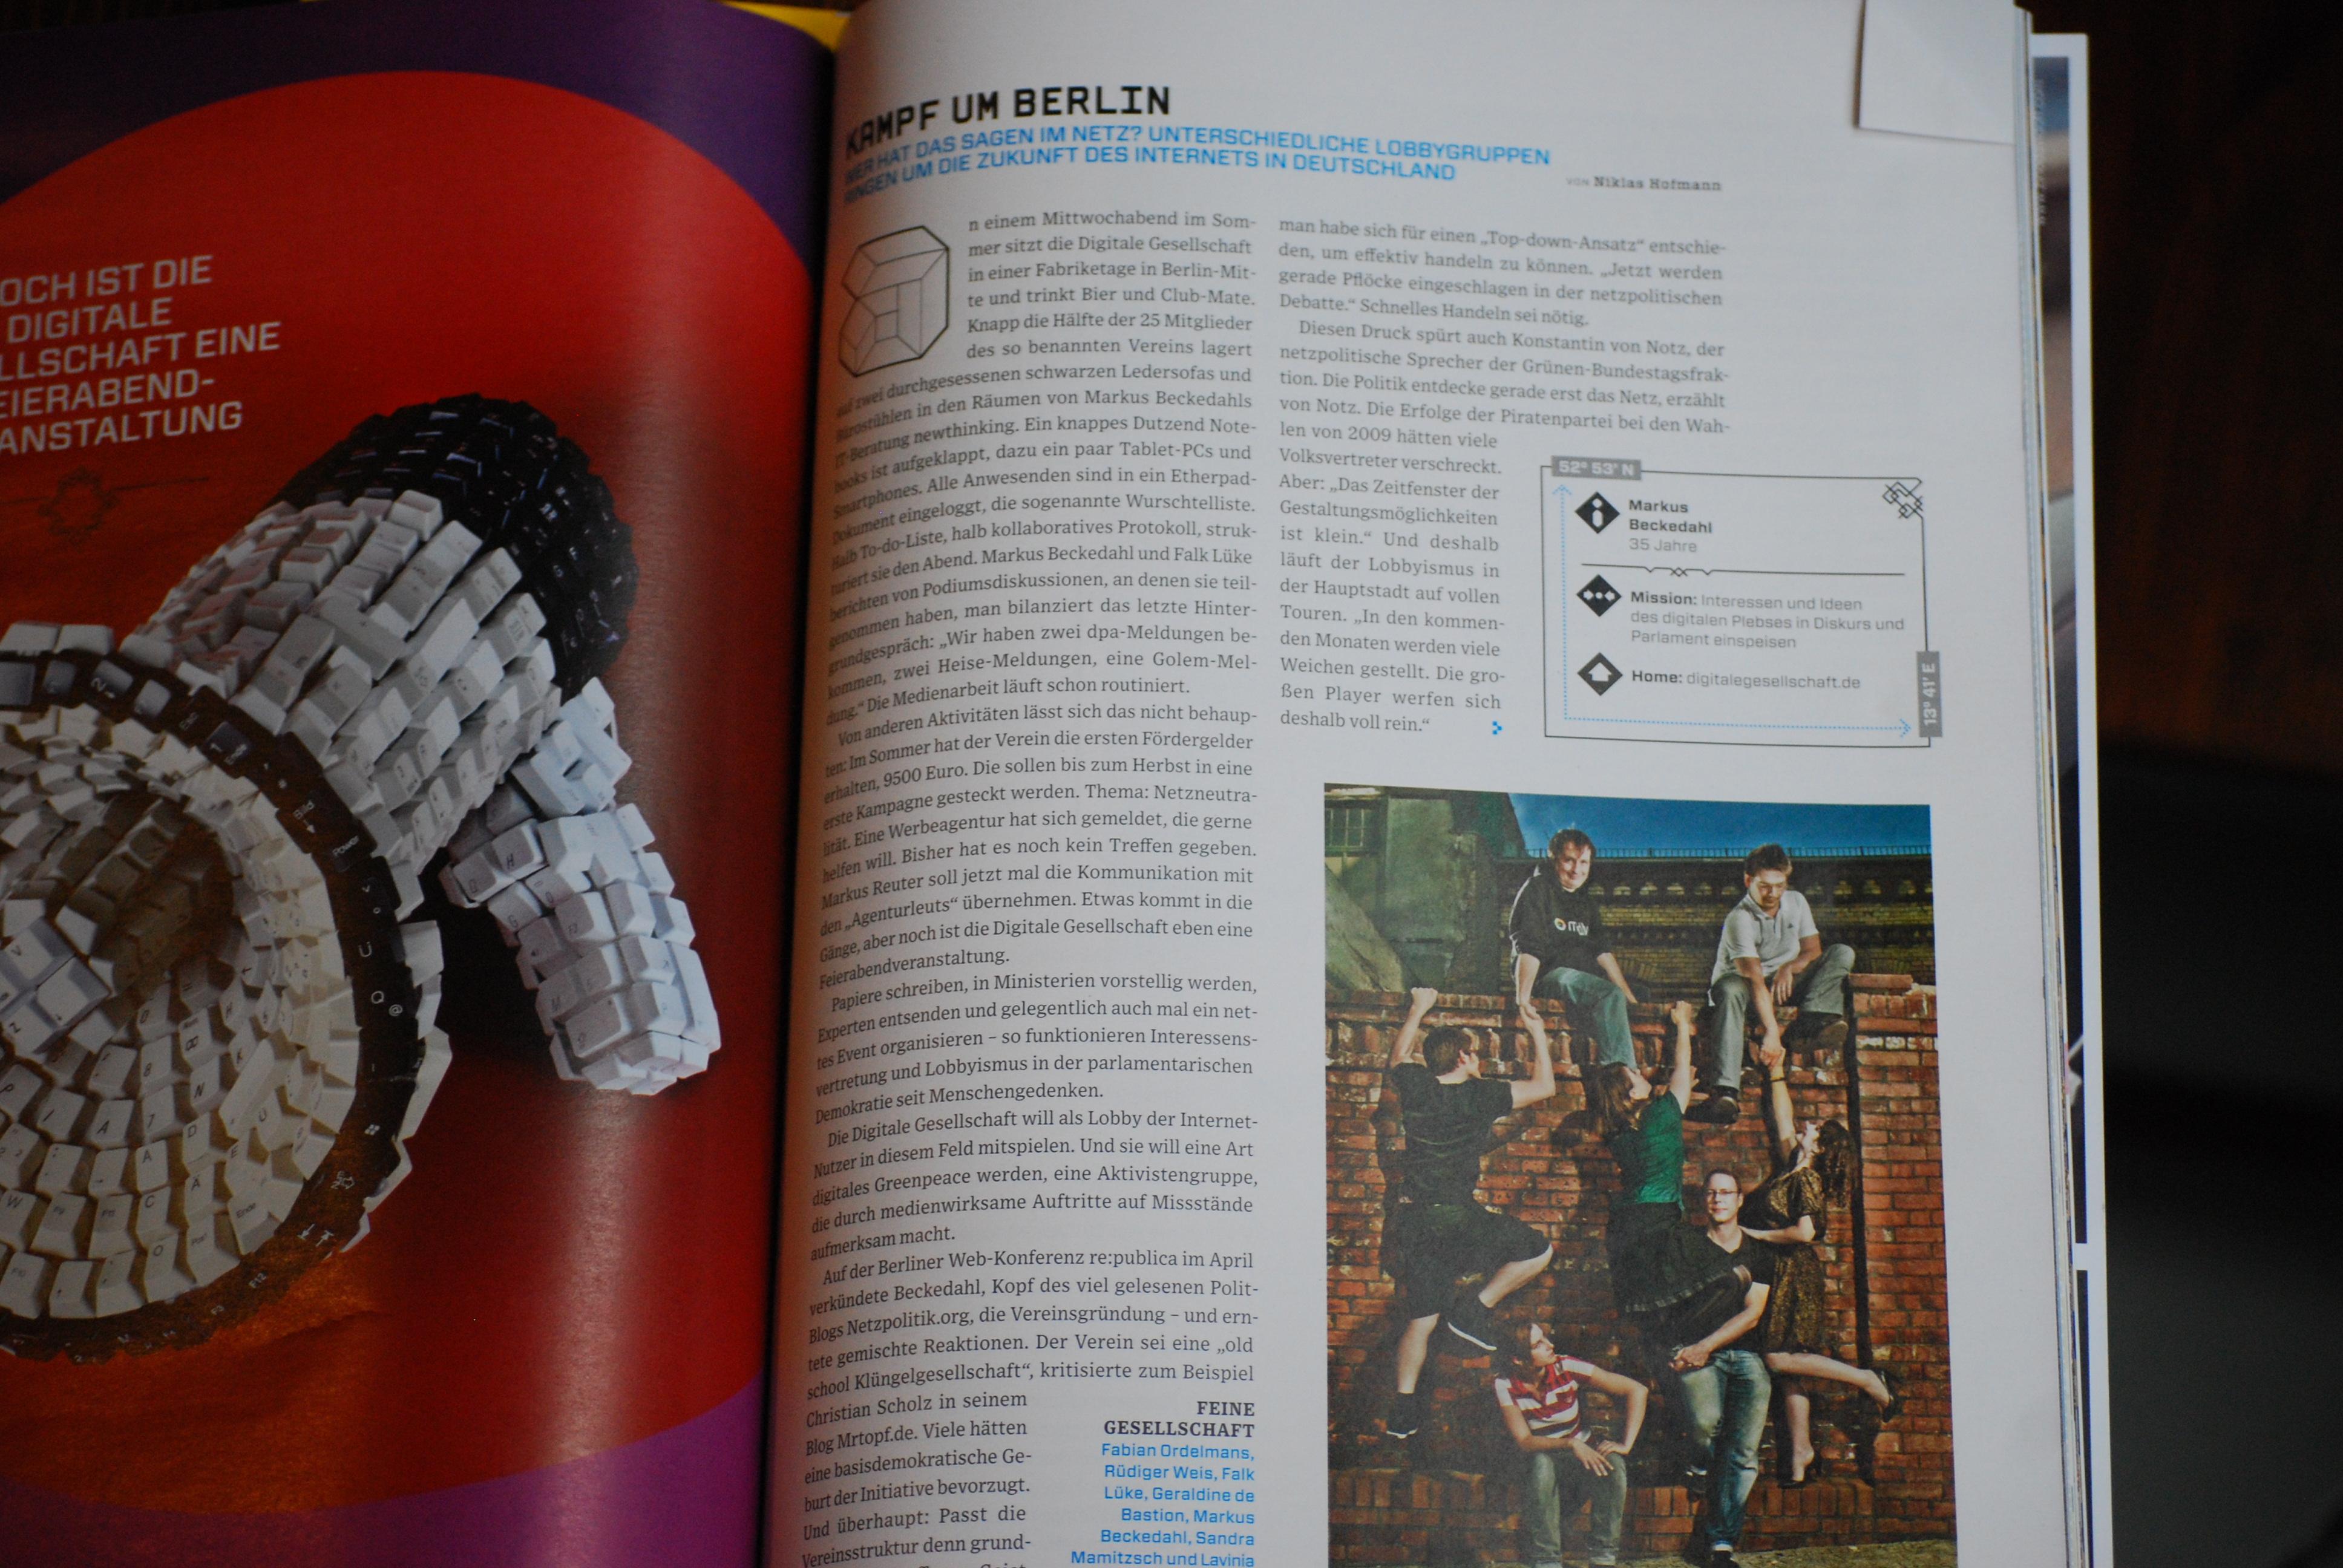 Wired Deutschlandpremiere Gelungen This Is How I39m Currently Beispielsweise Die Geek Titelstory Knwer Beschreibt Fehlende Anerkennung Fr Geeks In Deutschland Und Vergleicht Sie Mit Johannes Gutenberg